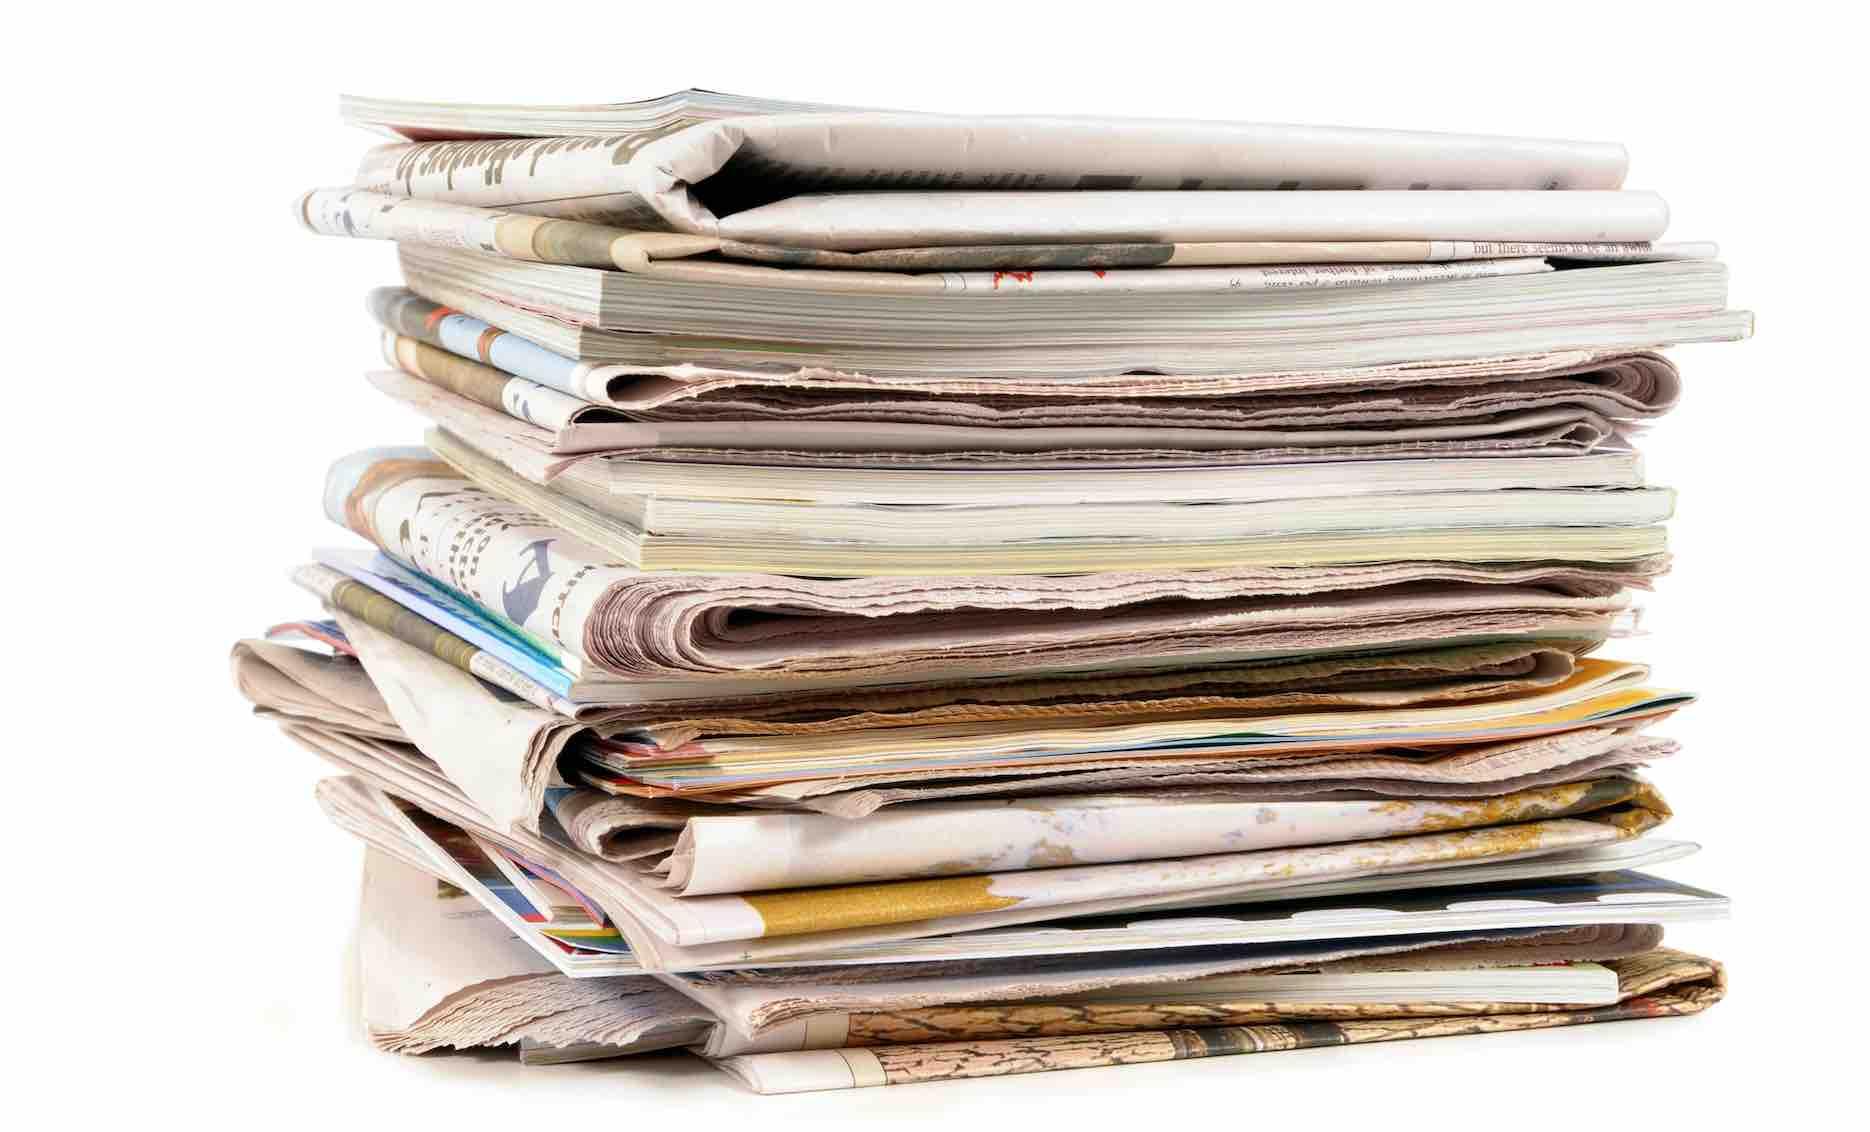 Basın Kanununda Tekzip Hakkında Genel Bilgiler